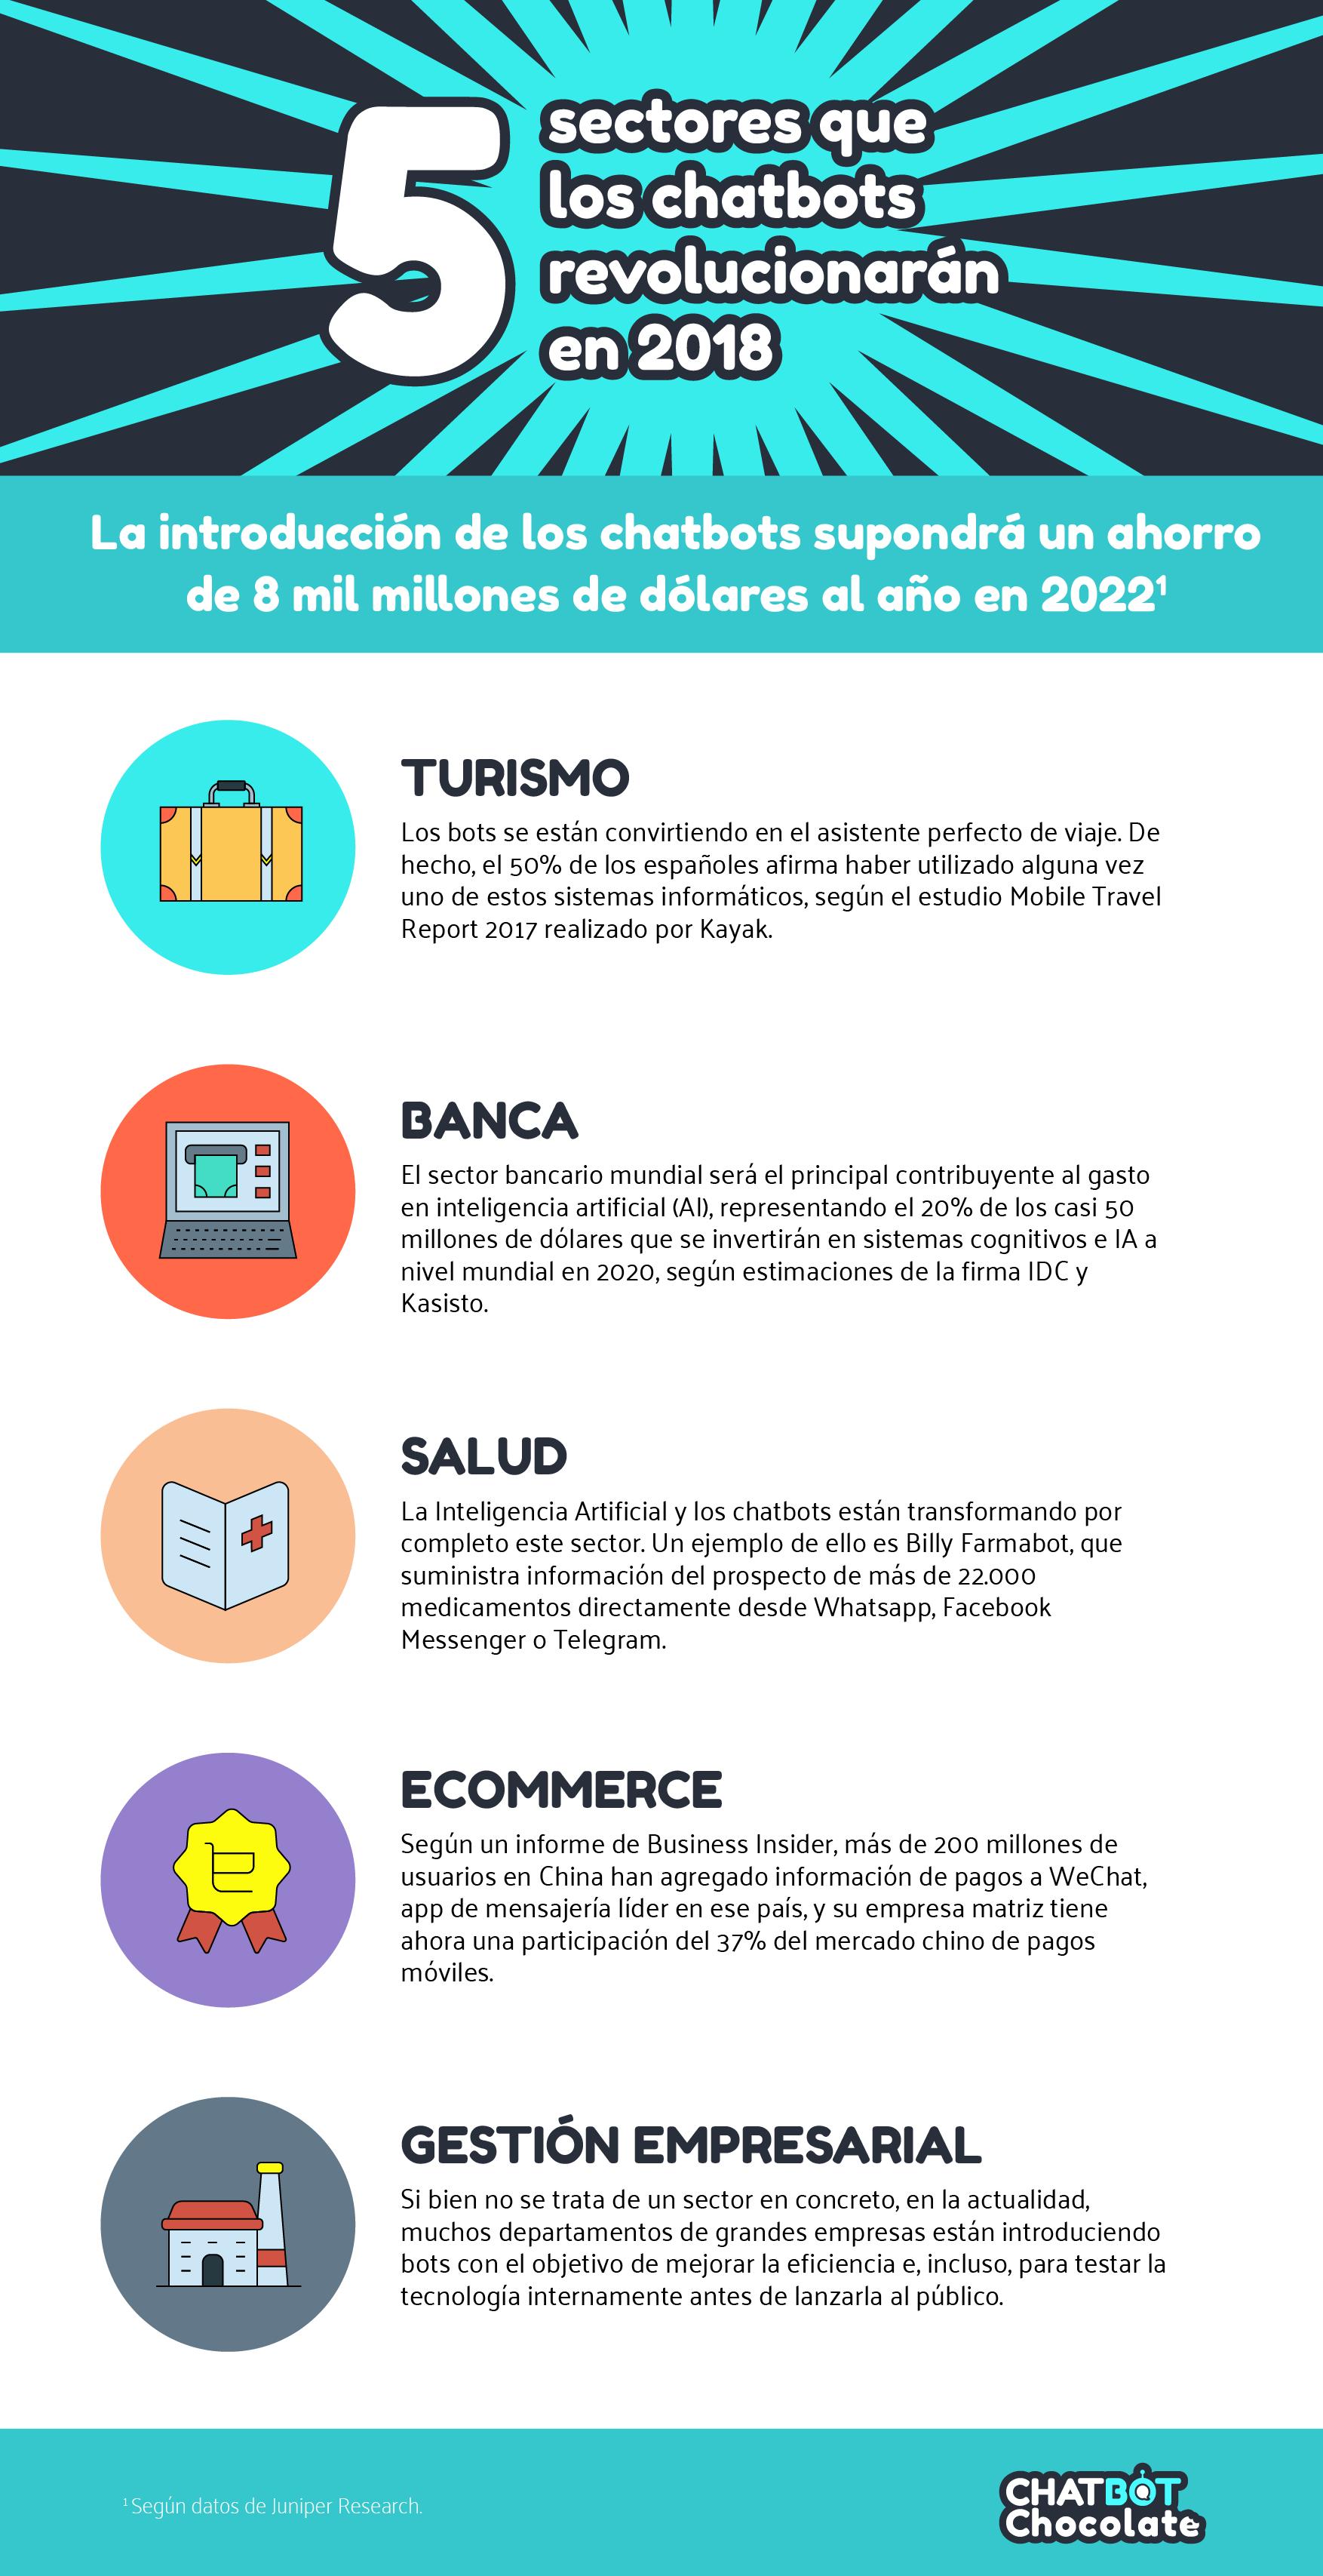 Foto de Infografía secotores que revolucionarán los chatbots en 2018